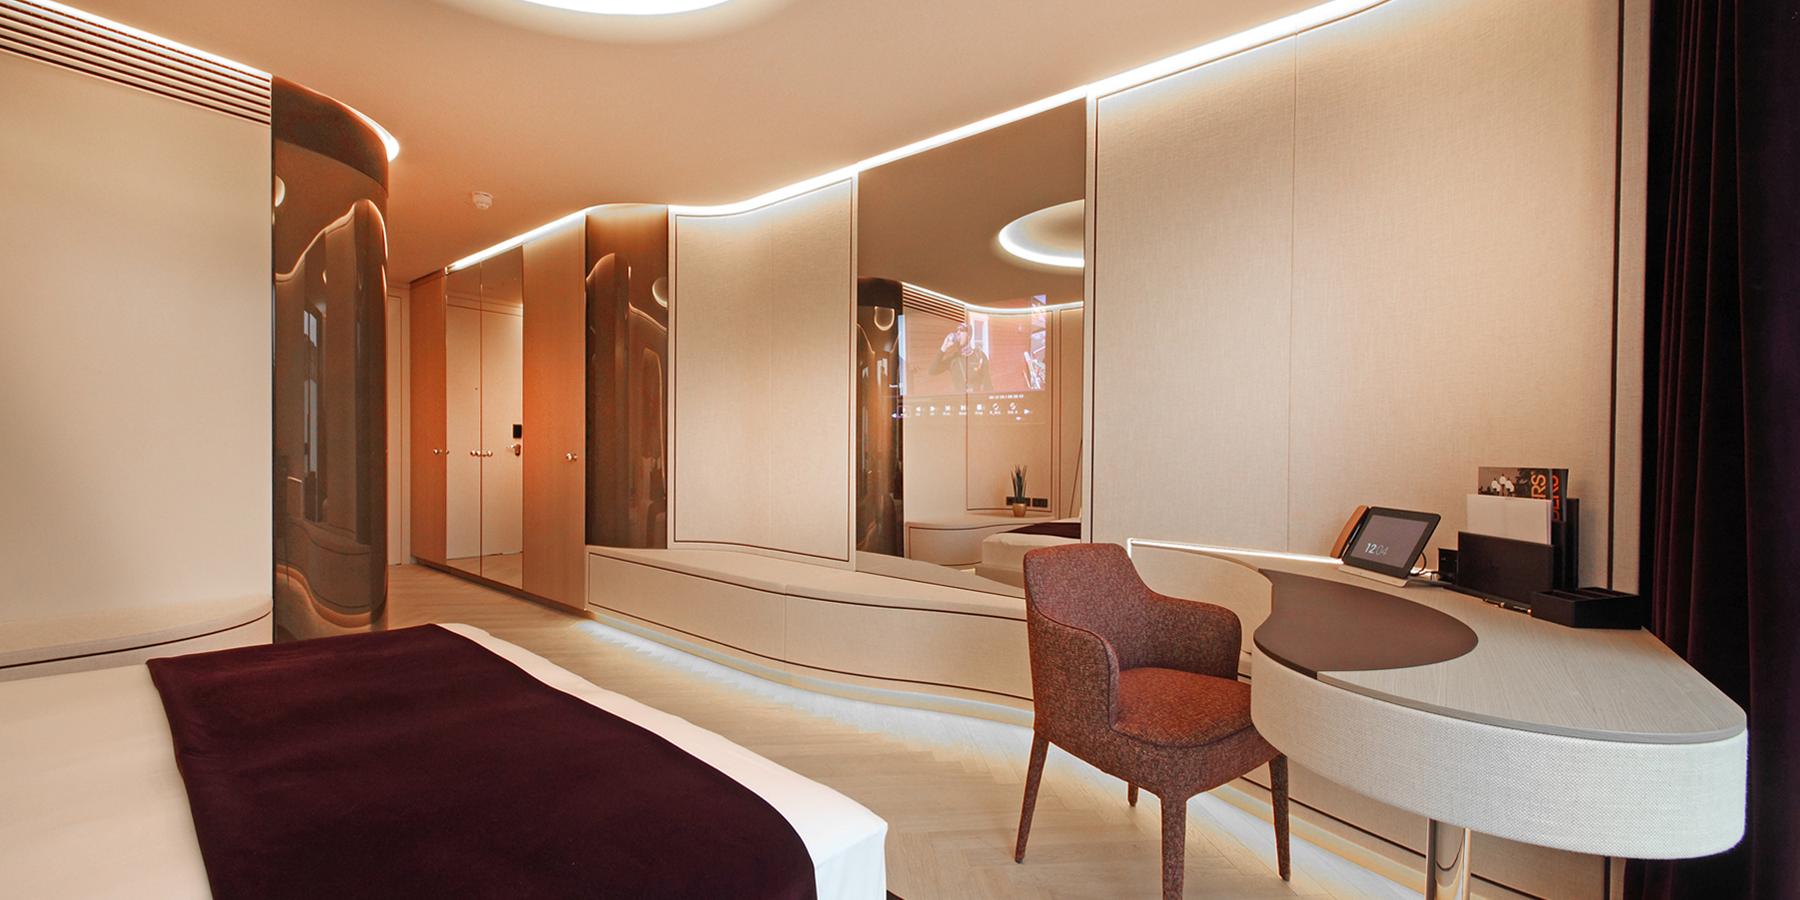 Interior Gmbh hotel gastroeinrichtung schneider interior gmbh exklusiver